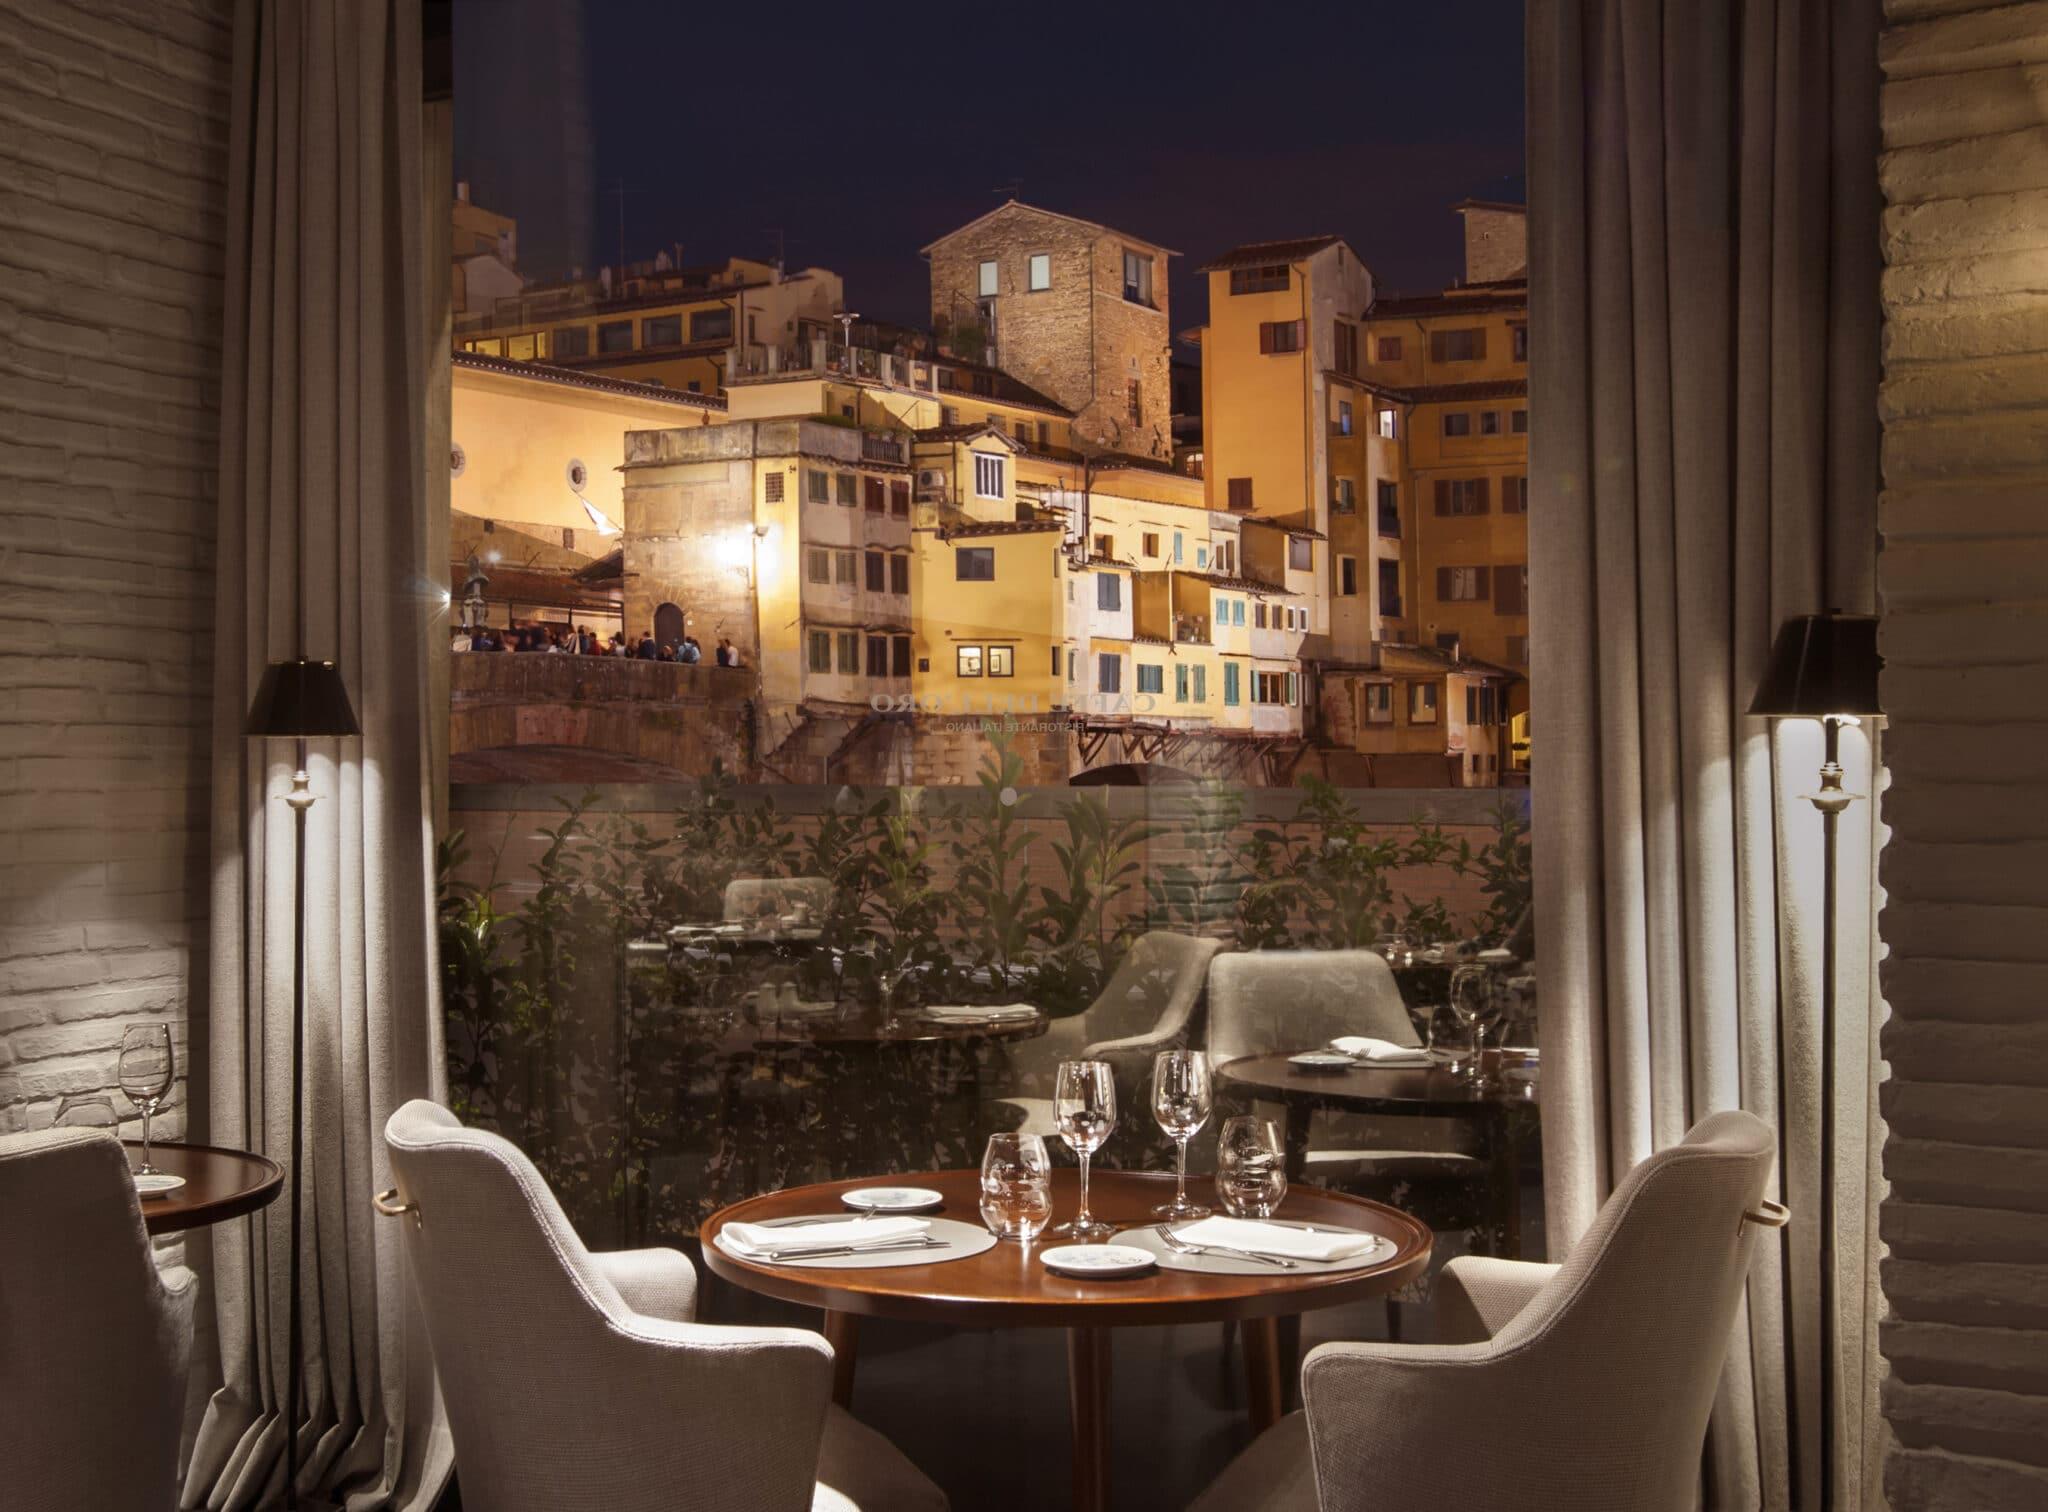 carrousel 3 CAFFE DELL ORO 02 hotel Portrait Firenze